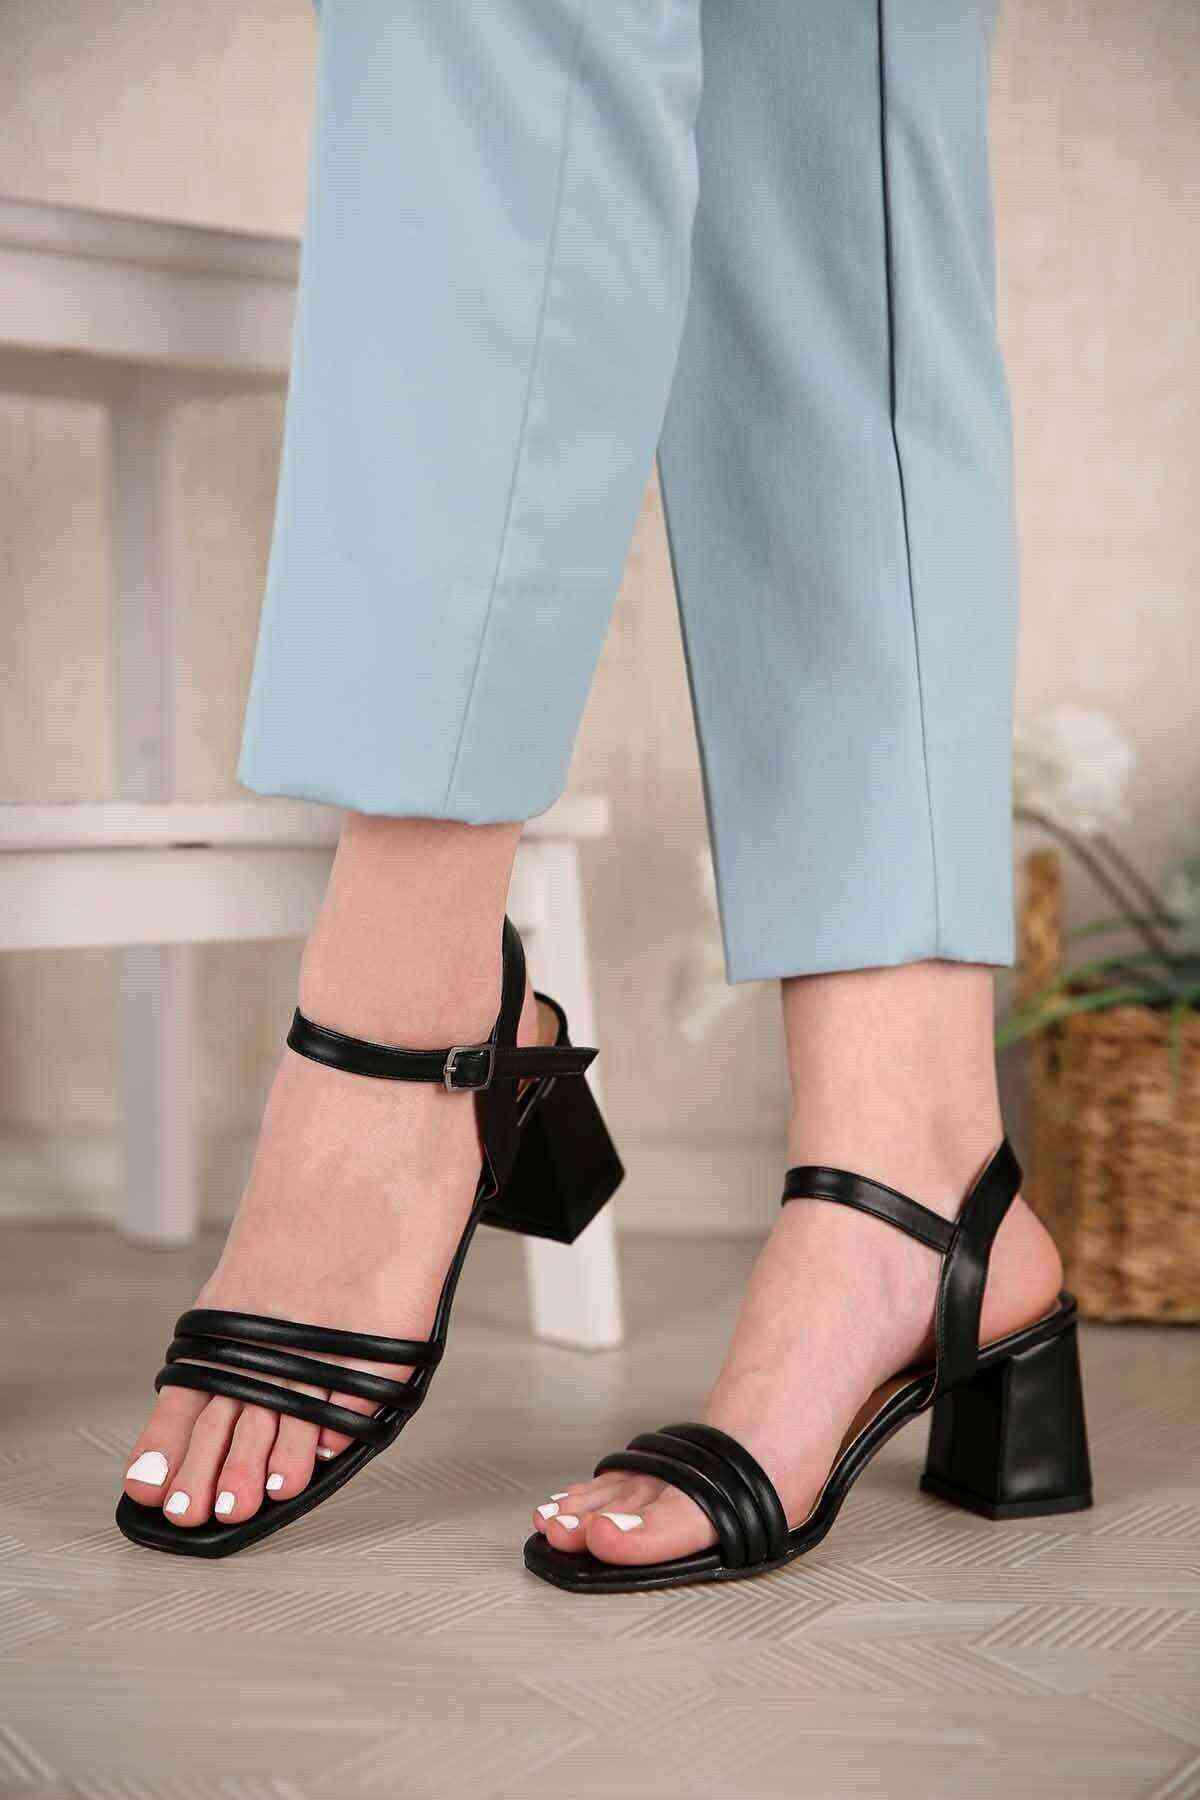 Siyah 3 Bant Bilekten Bağlı Kadın Topuklu Ayakkabı